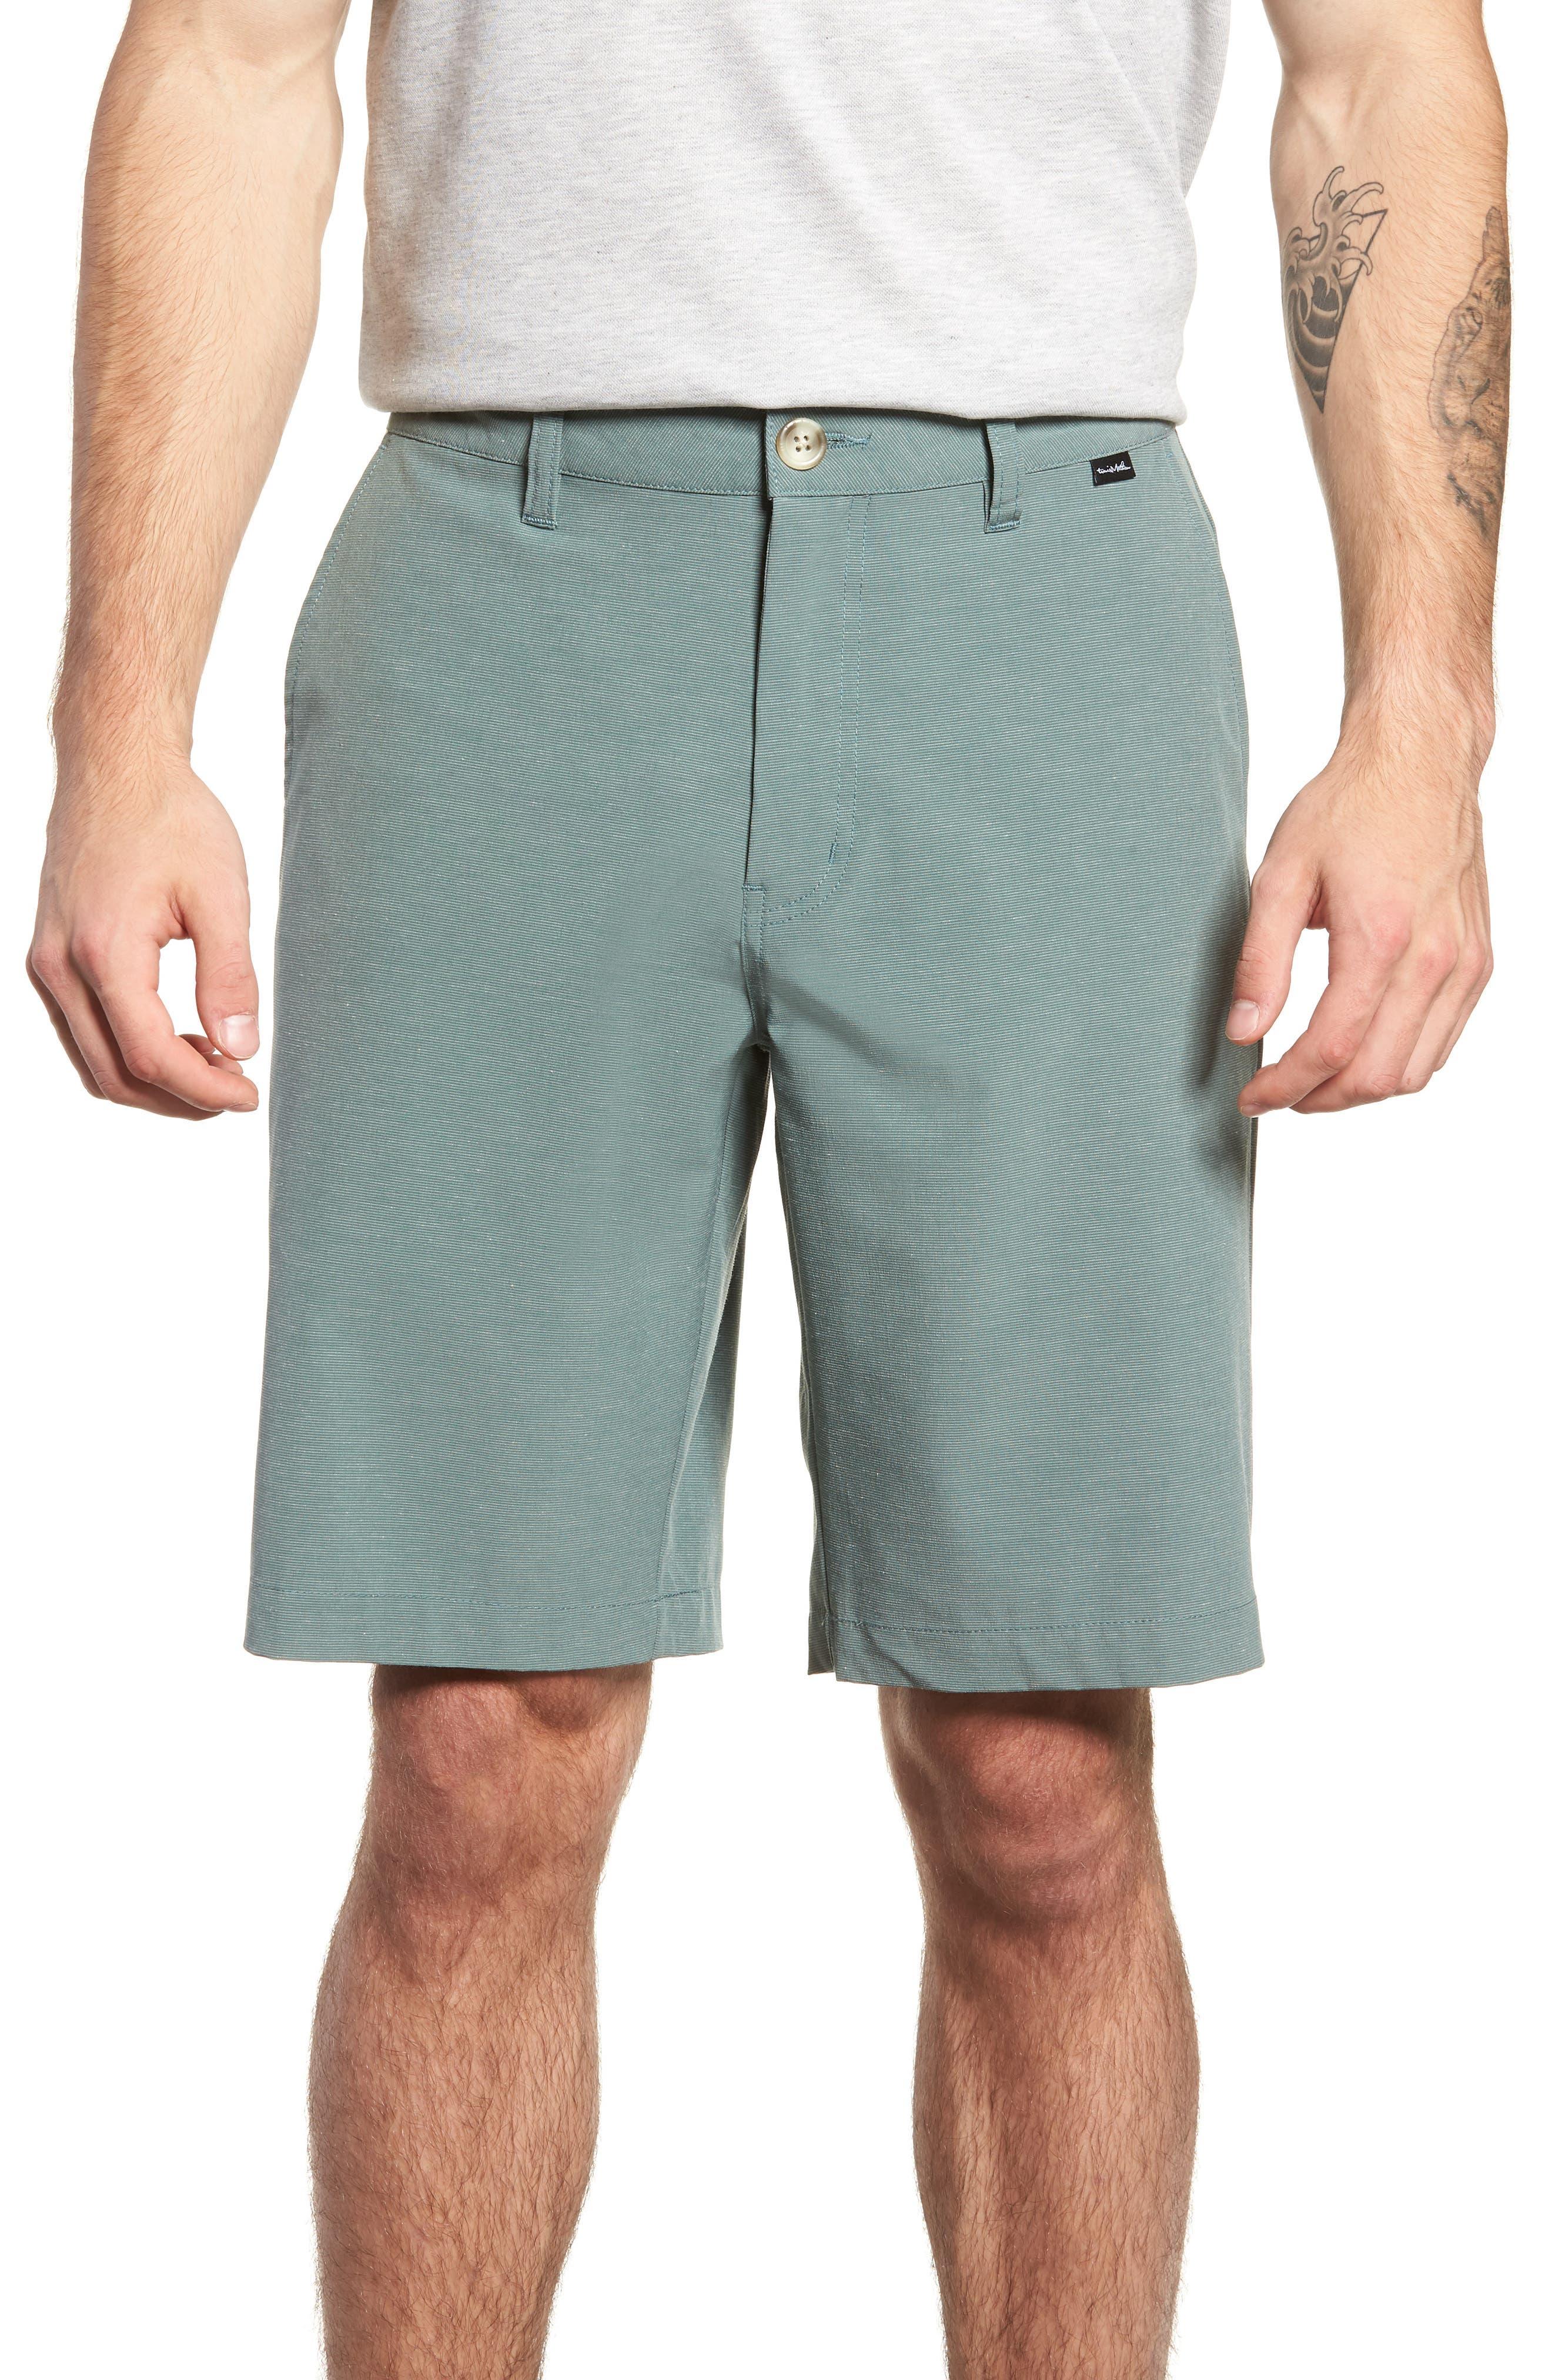 Revival Shorts,                             Main thumbnail 1, color,                             BALSAM GREEN